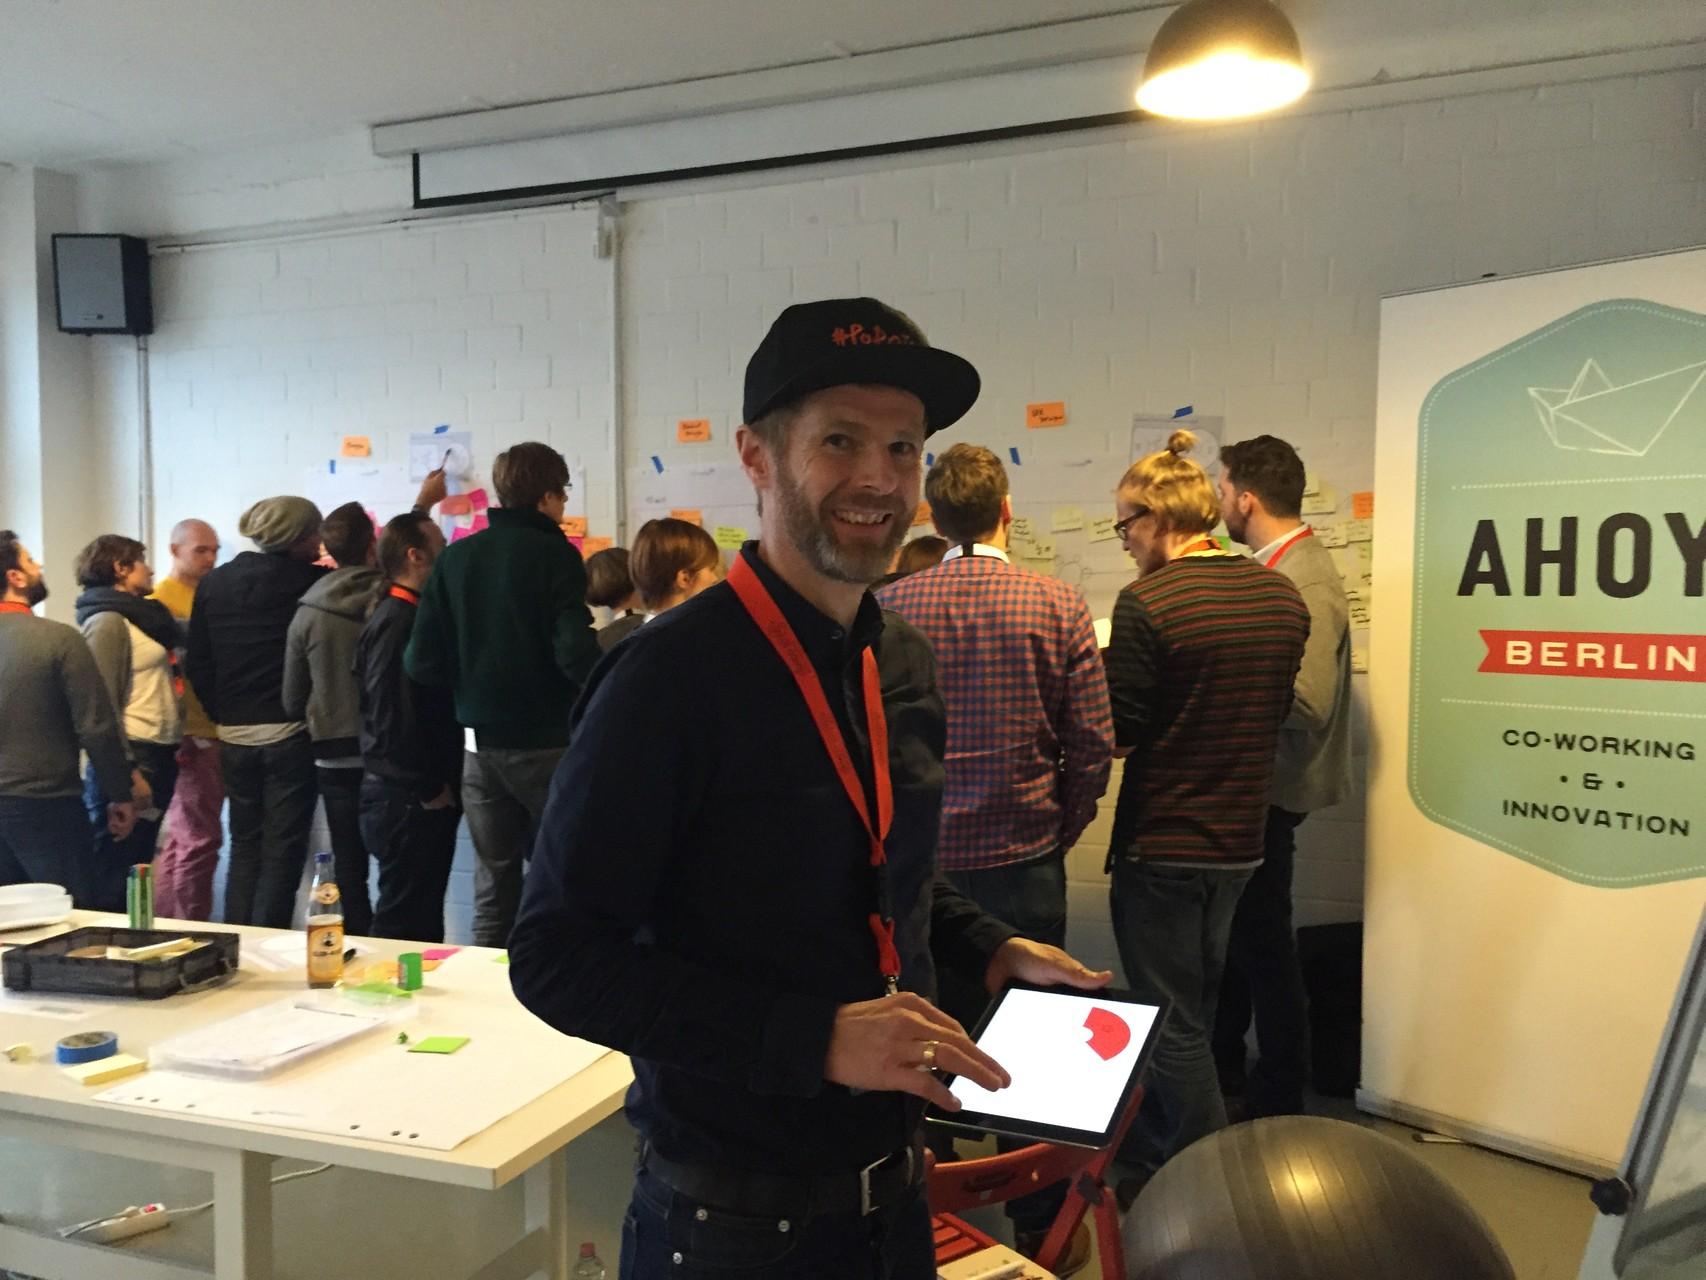 Stefan Haas freut sich über die aktiven Teilnehmer